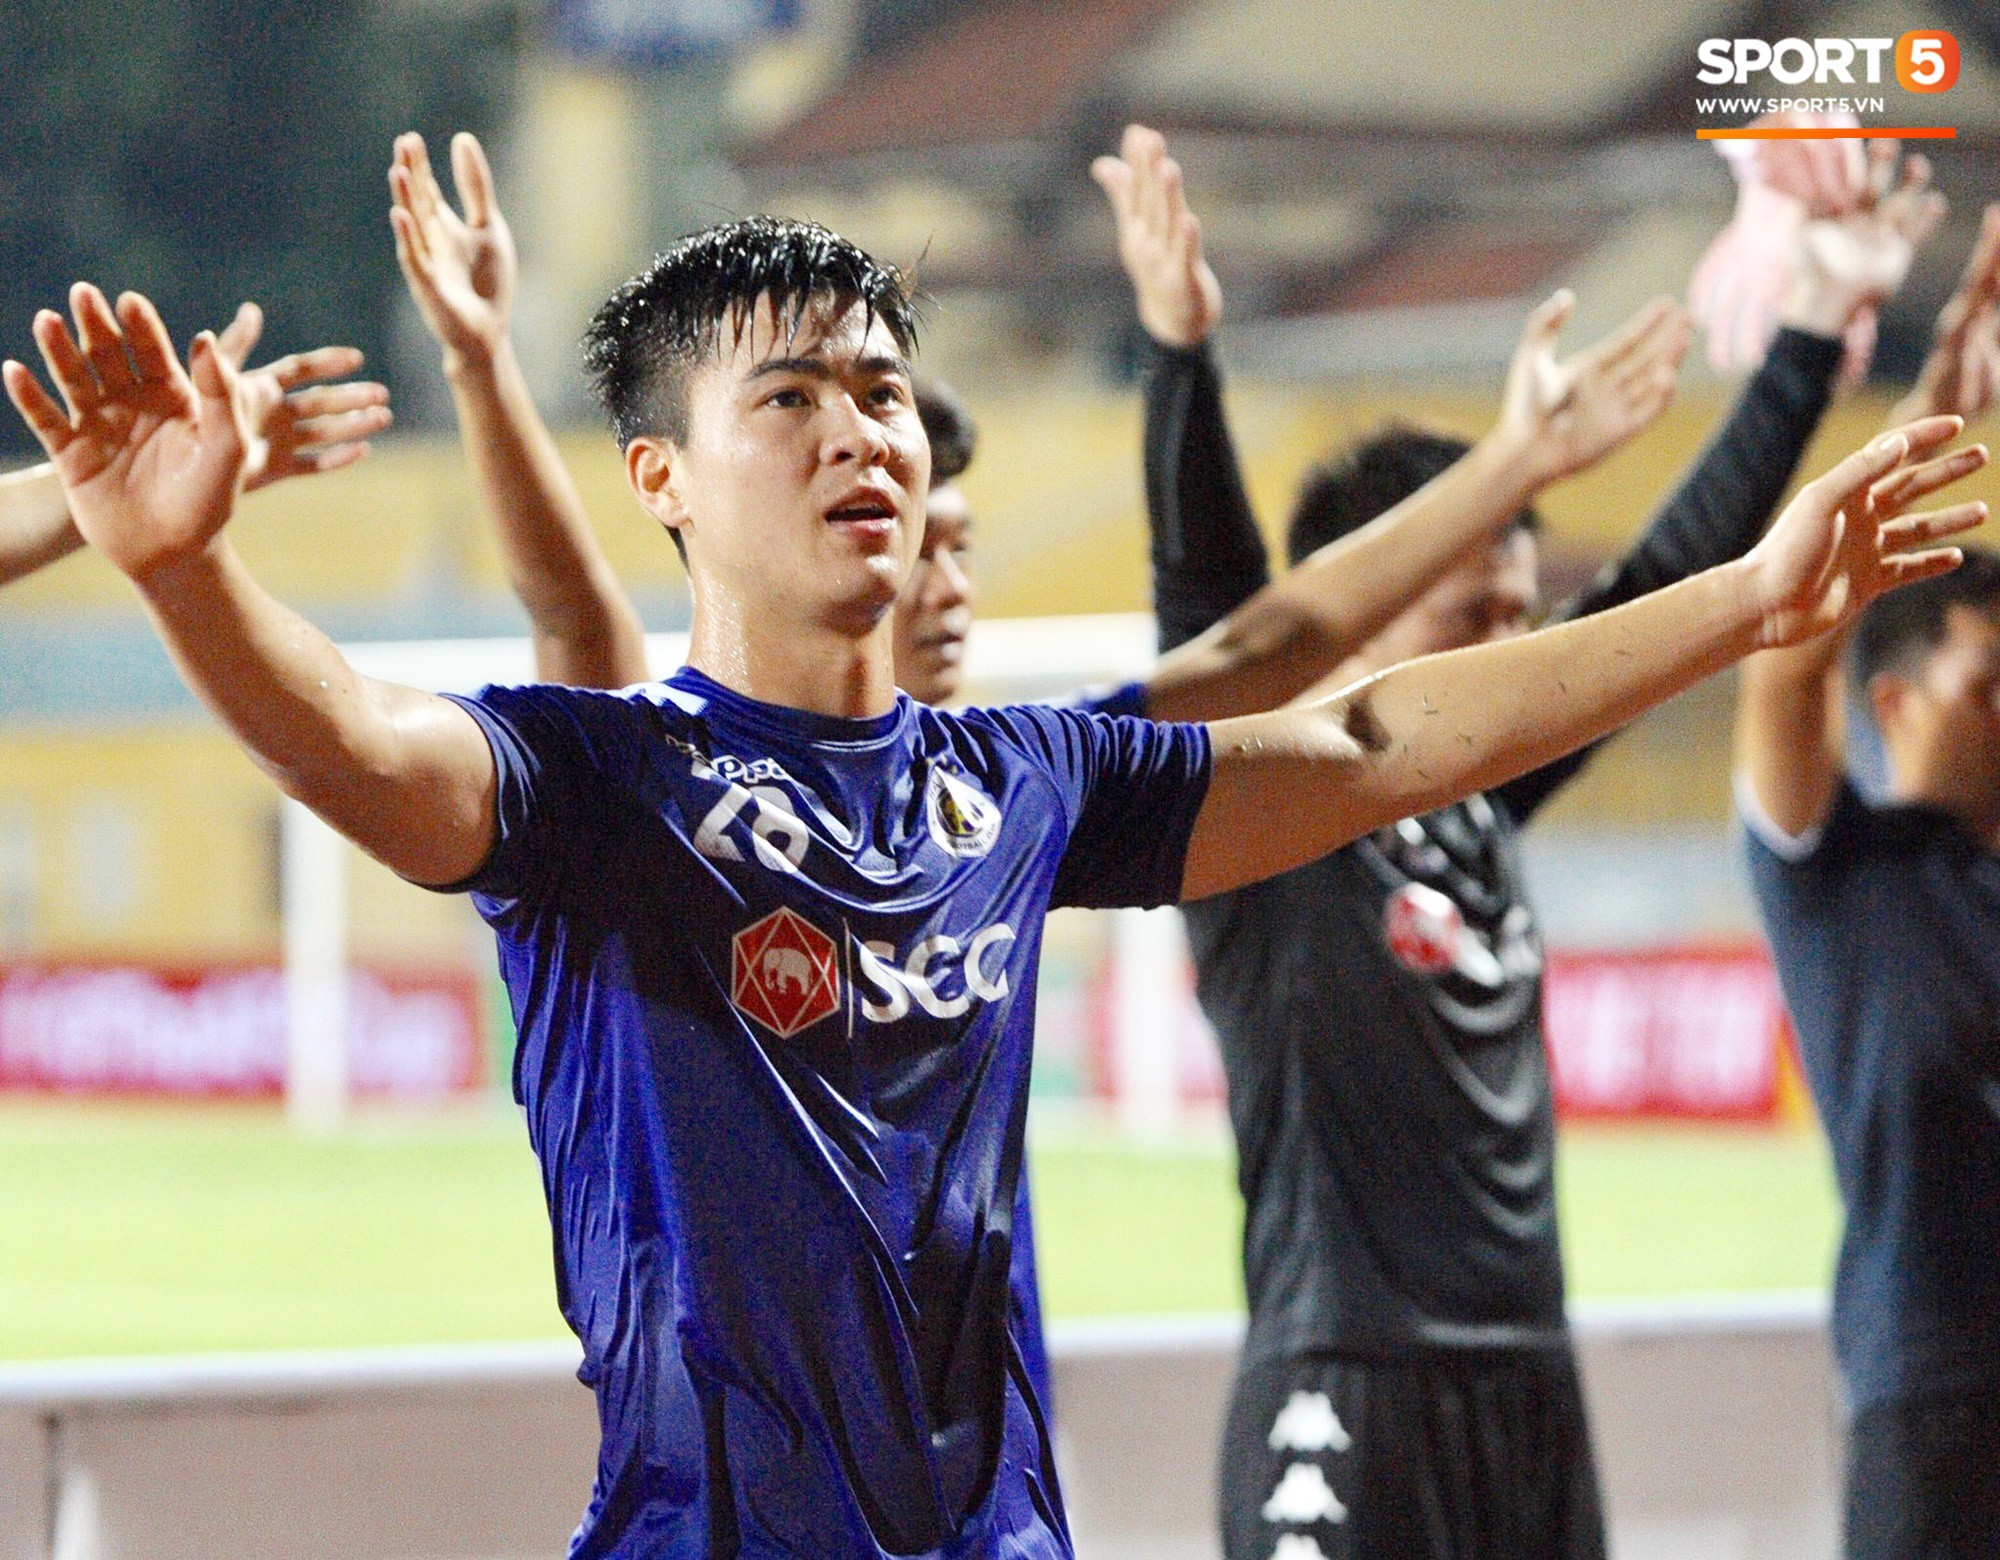 Văn Quyết gia nhập CLB 100 trong ngày Hà Nội FC tạo nên lịch sử ở đấu trường châu lục - Ảnh 10.